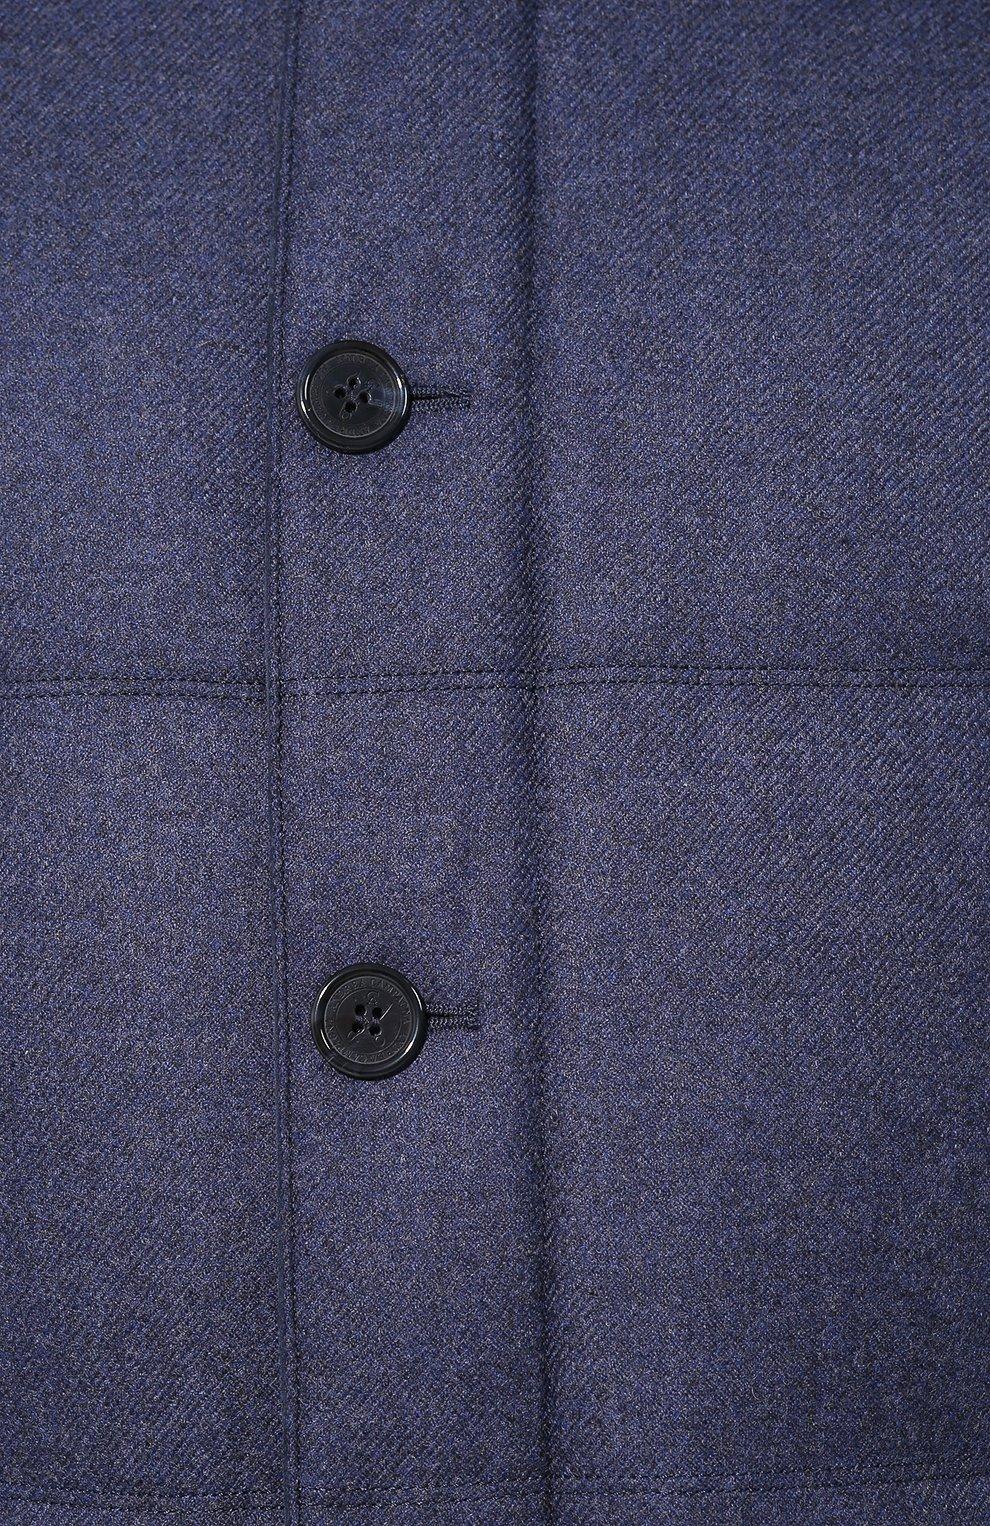 Мужской пуховый бомбер ANDREA CAMPAGNA синего цвета, арт. A8T711/3813 | Фото 5 (Кросс-КТ: Куртка; Мужское Кросс-КТ: пуховик-короткий, Пуховик-верхняя одежда, Верхняя одежда; Материал внешний: Шерсть; Рукава: Длинные; Принт: Без принта; Материал подклада: Синтетический материал; Длина (верхняя одежда): Короткие; Материал утеплителя: Пух и перо; Стили: Кэжуэл)